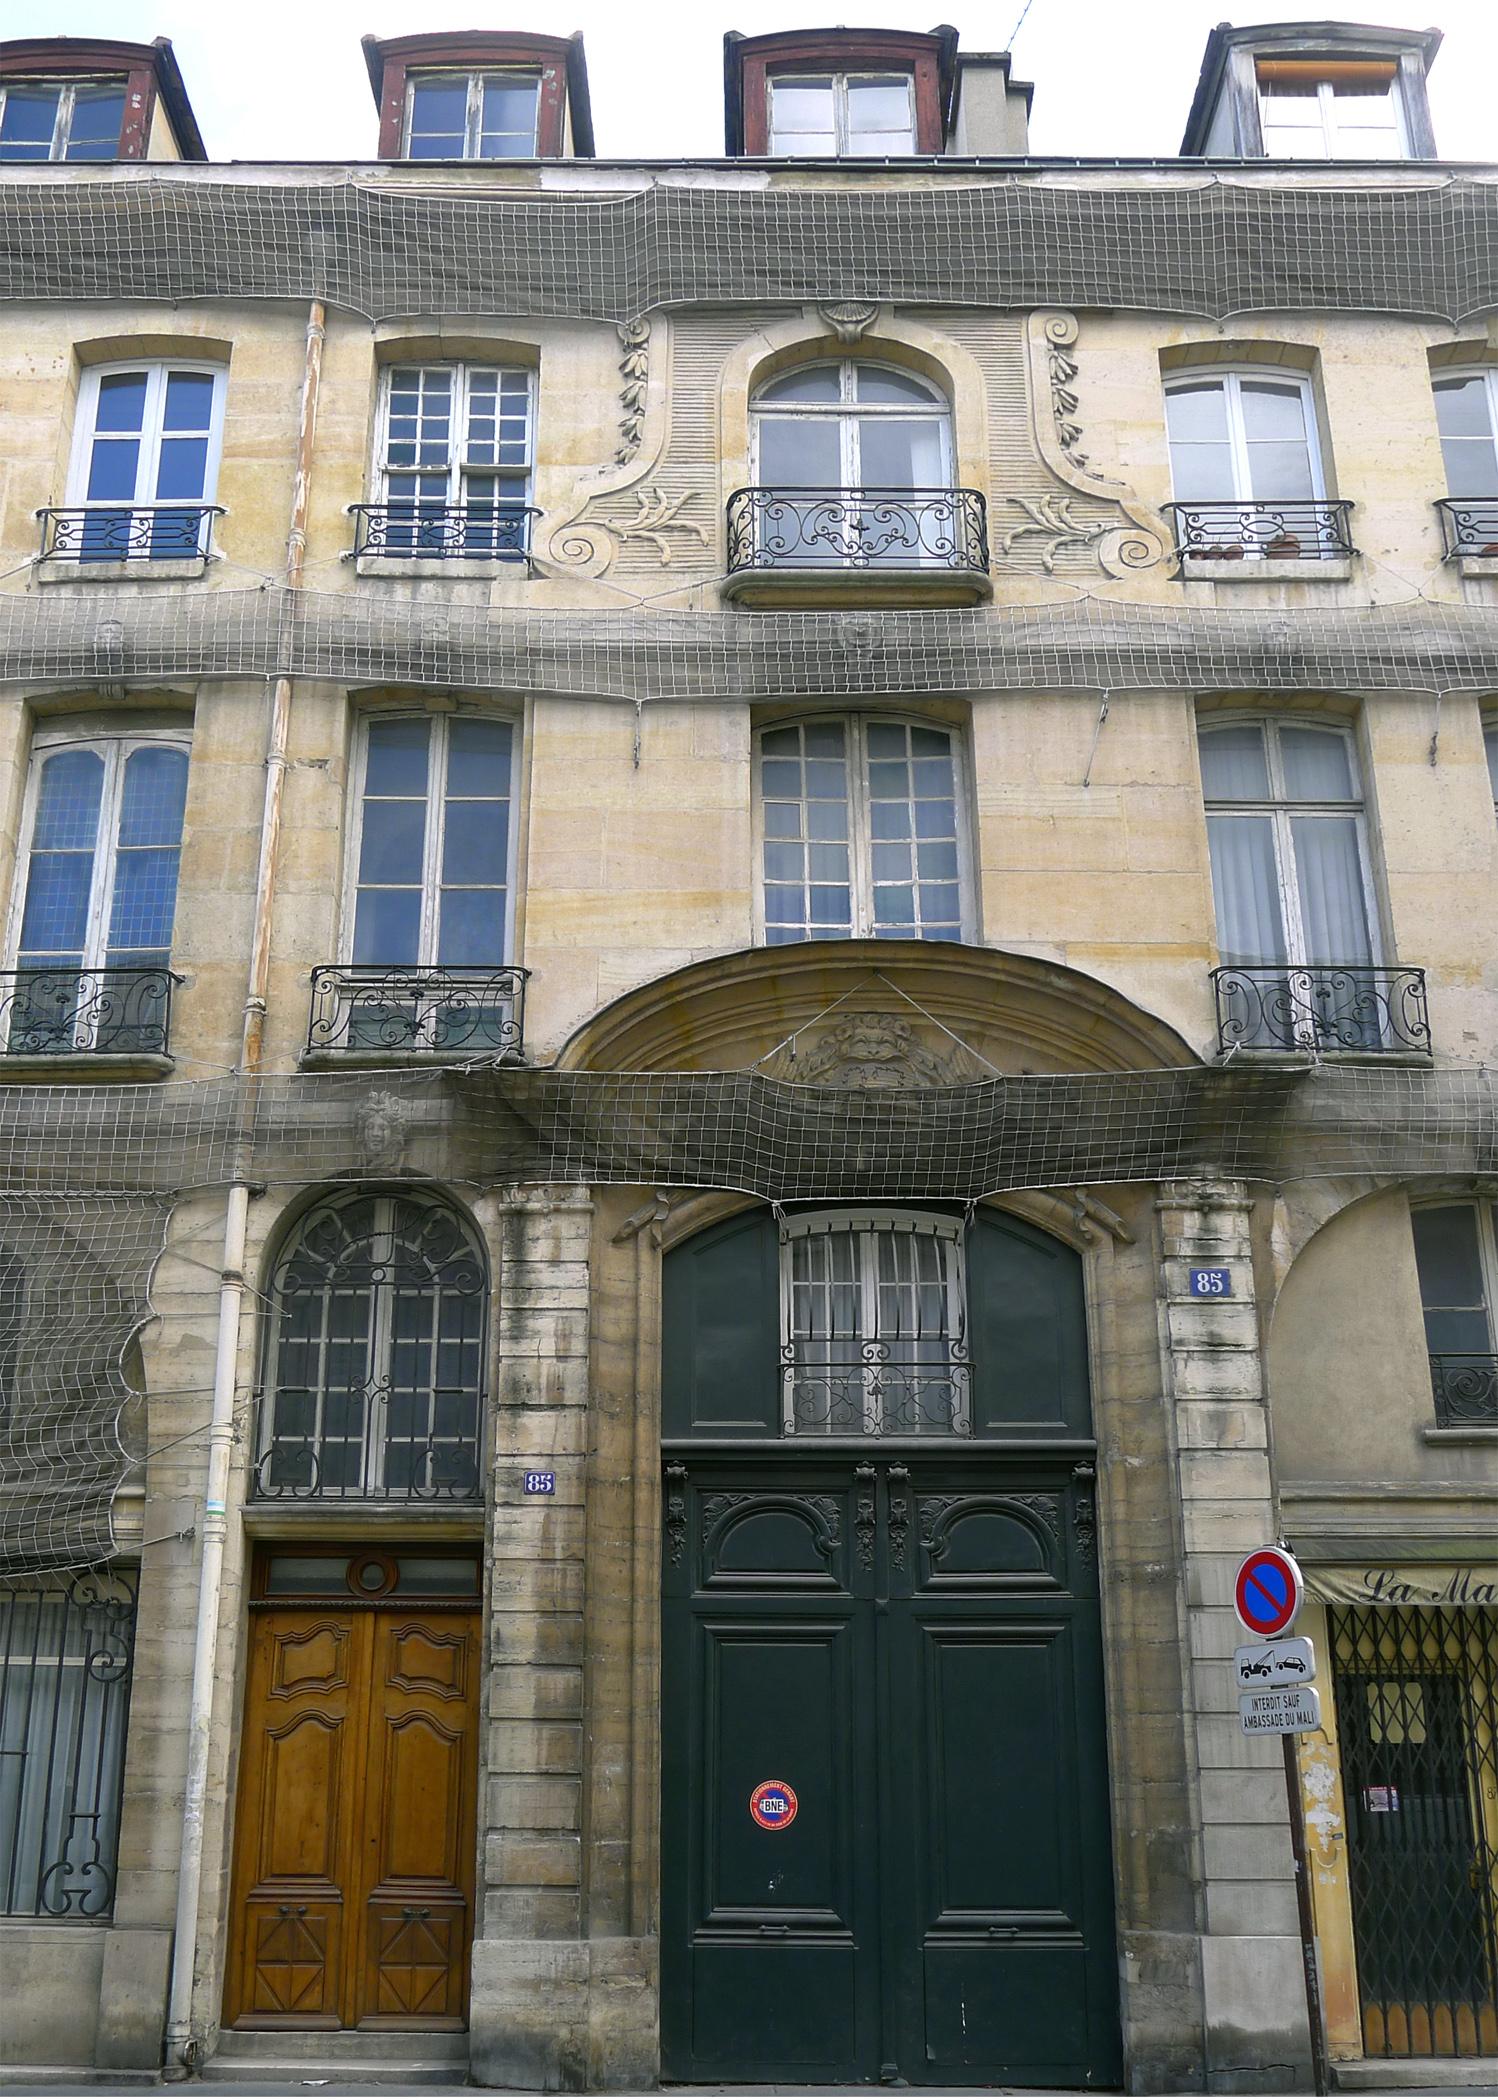 23 Rue Du Cherche Midi file:p1240802 paris vi rue du cherche-midi n85 rwk